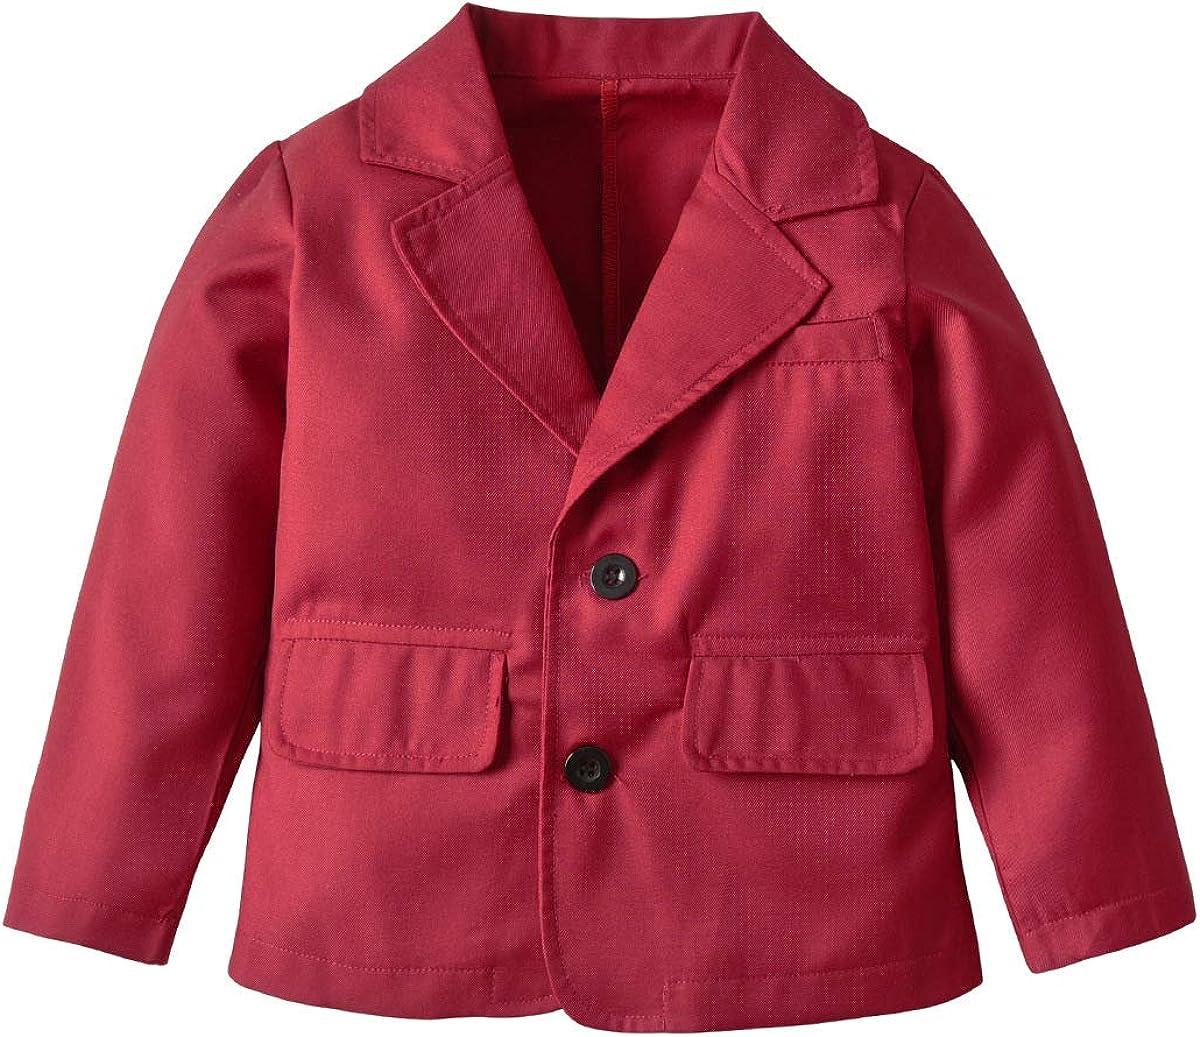 Boys Suit Blazer Notched Lapel Solid Color Outwear